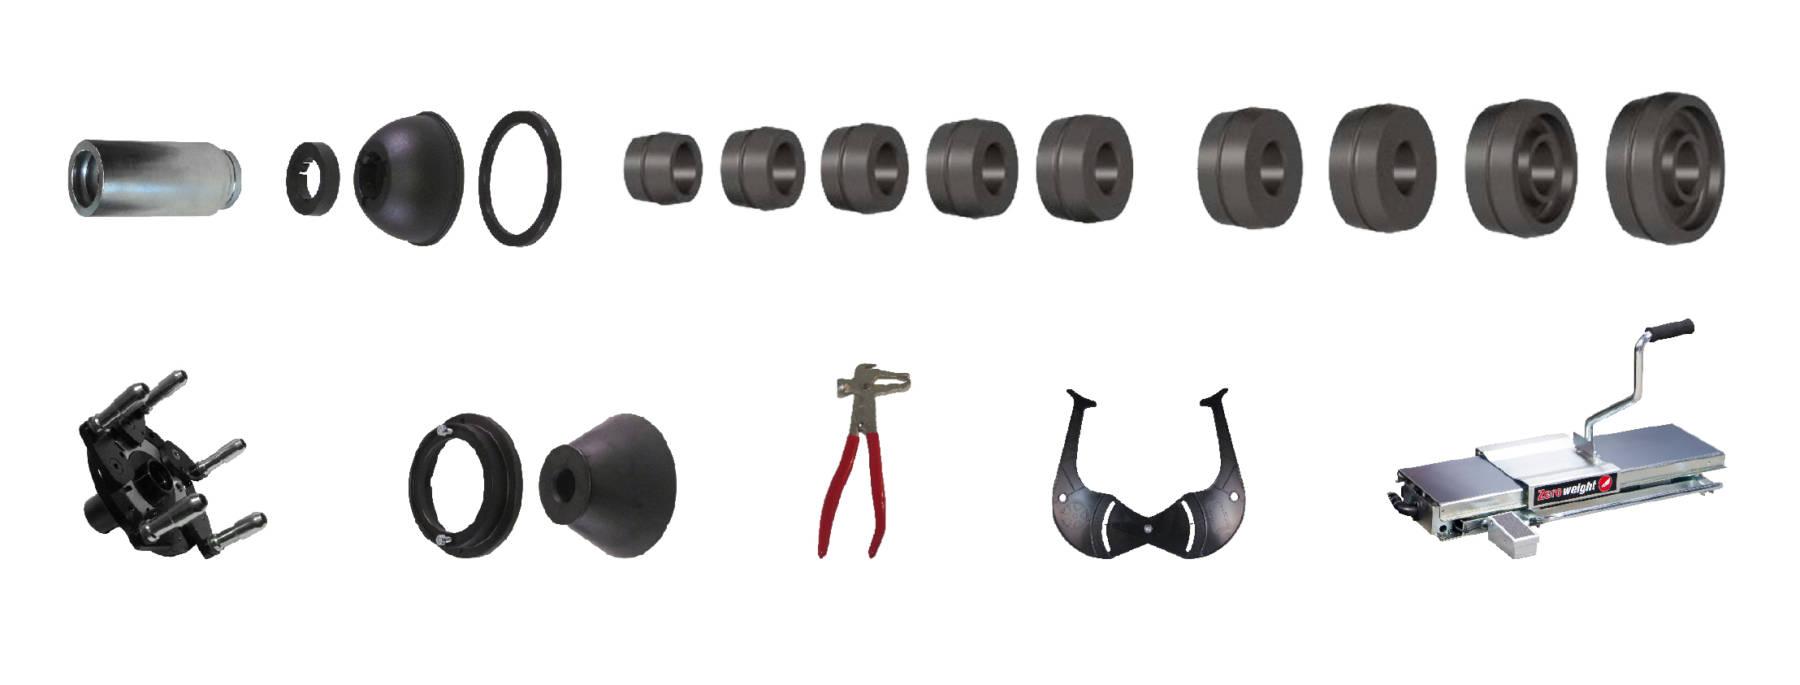 Cemb_ER100_EVO_Wheel_Balancer_Accessories